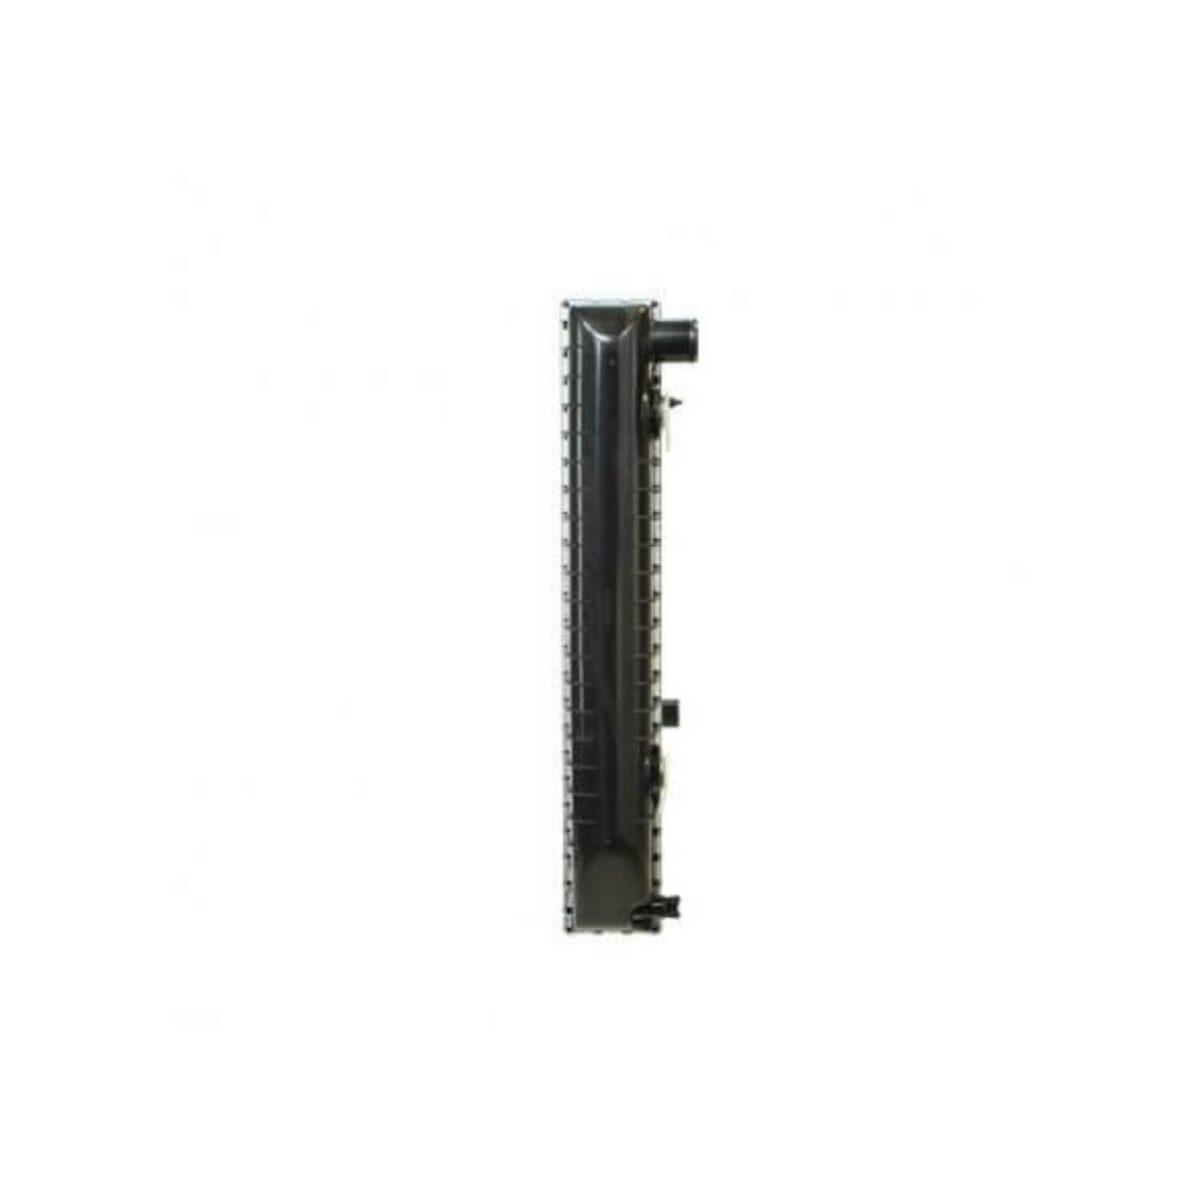 gmc p30p3500 98 08 radiator oem 52473153 4